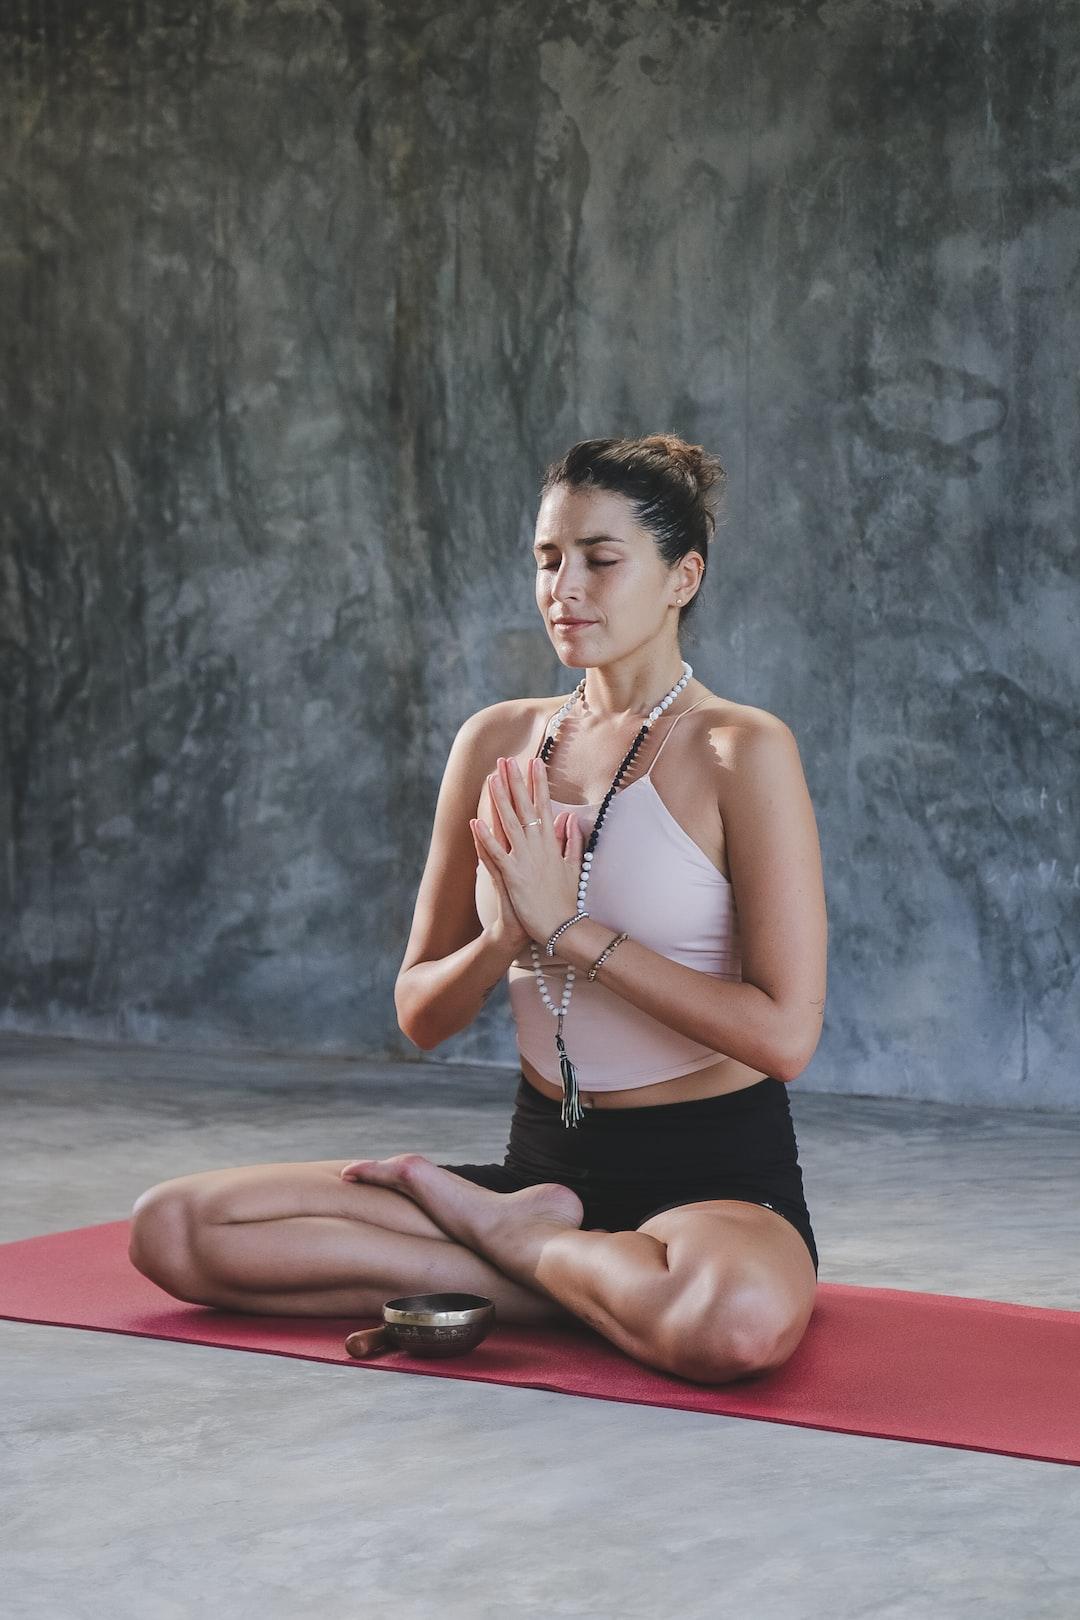 Yoga teacher meditating